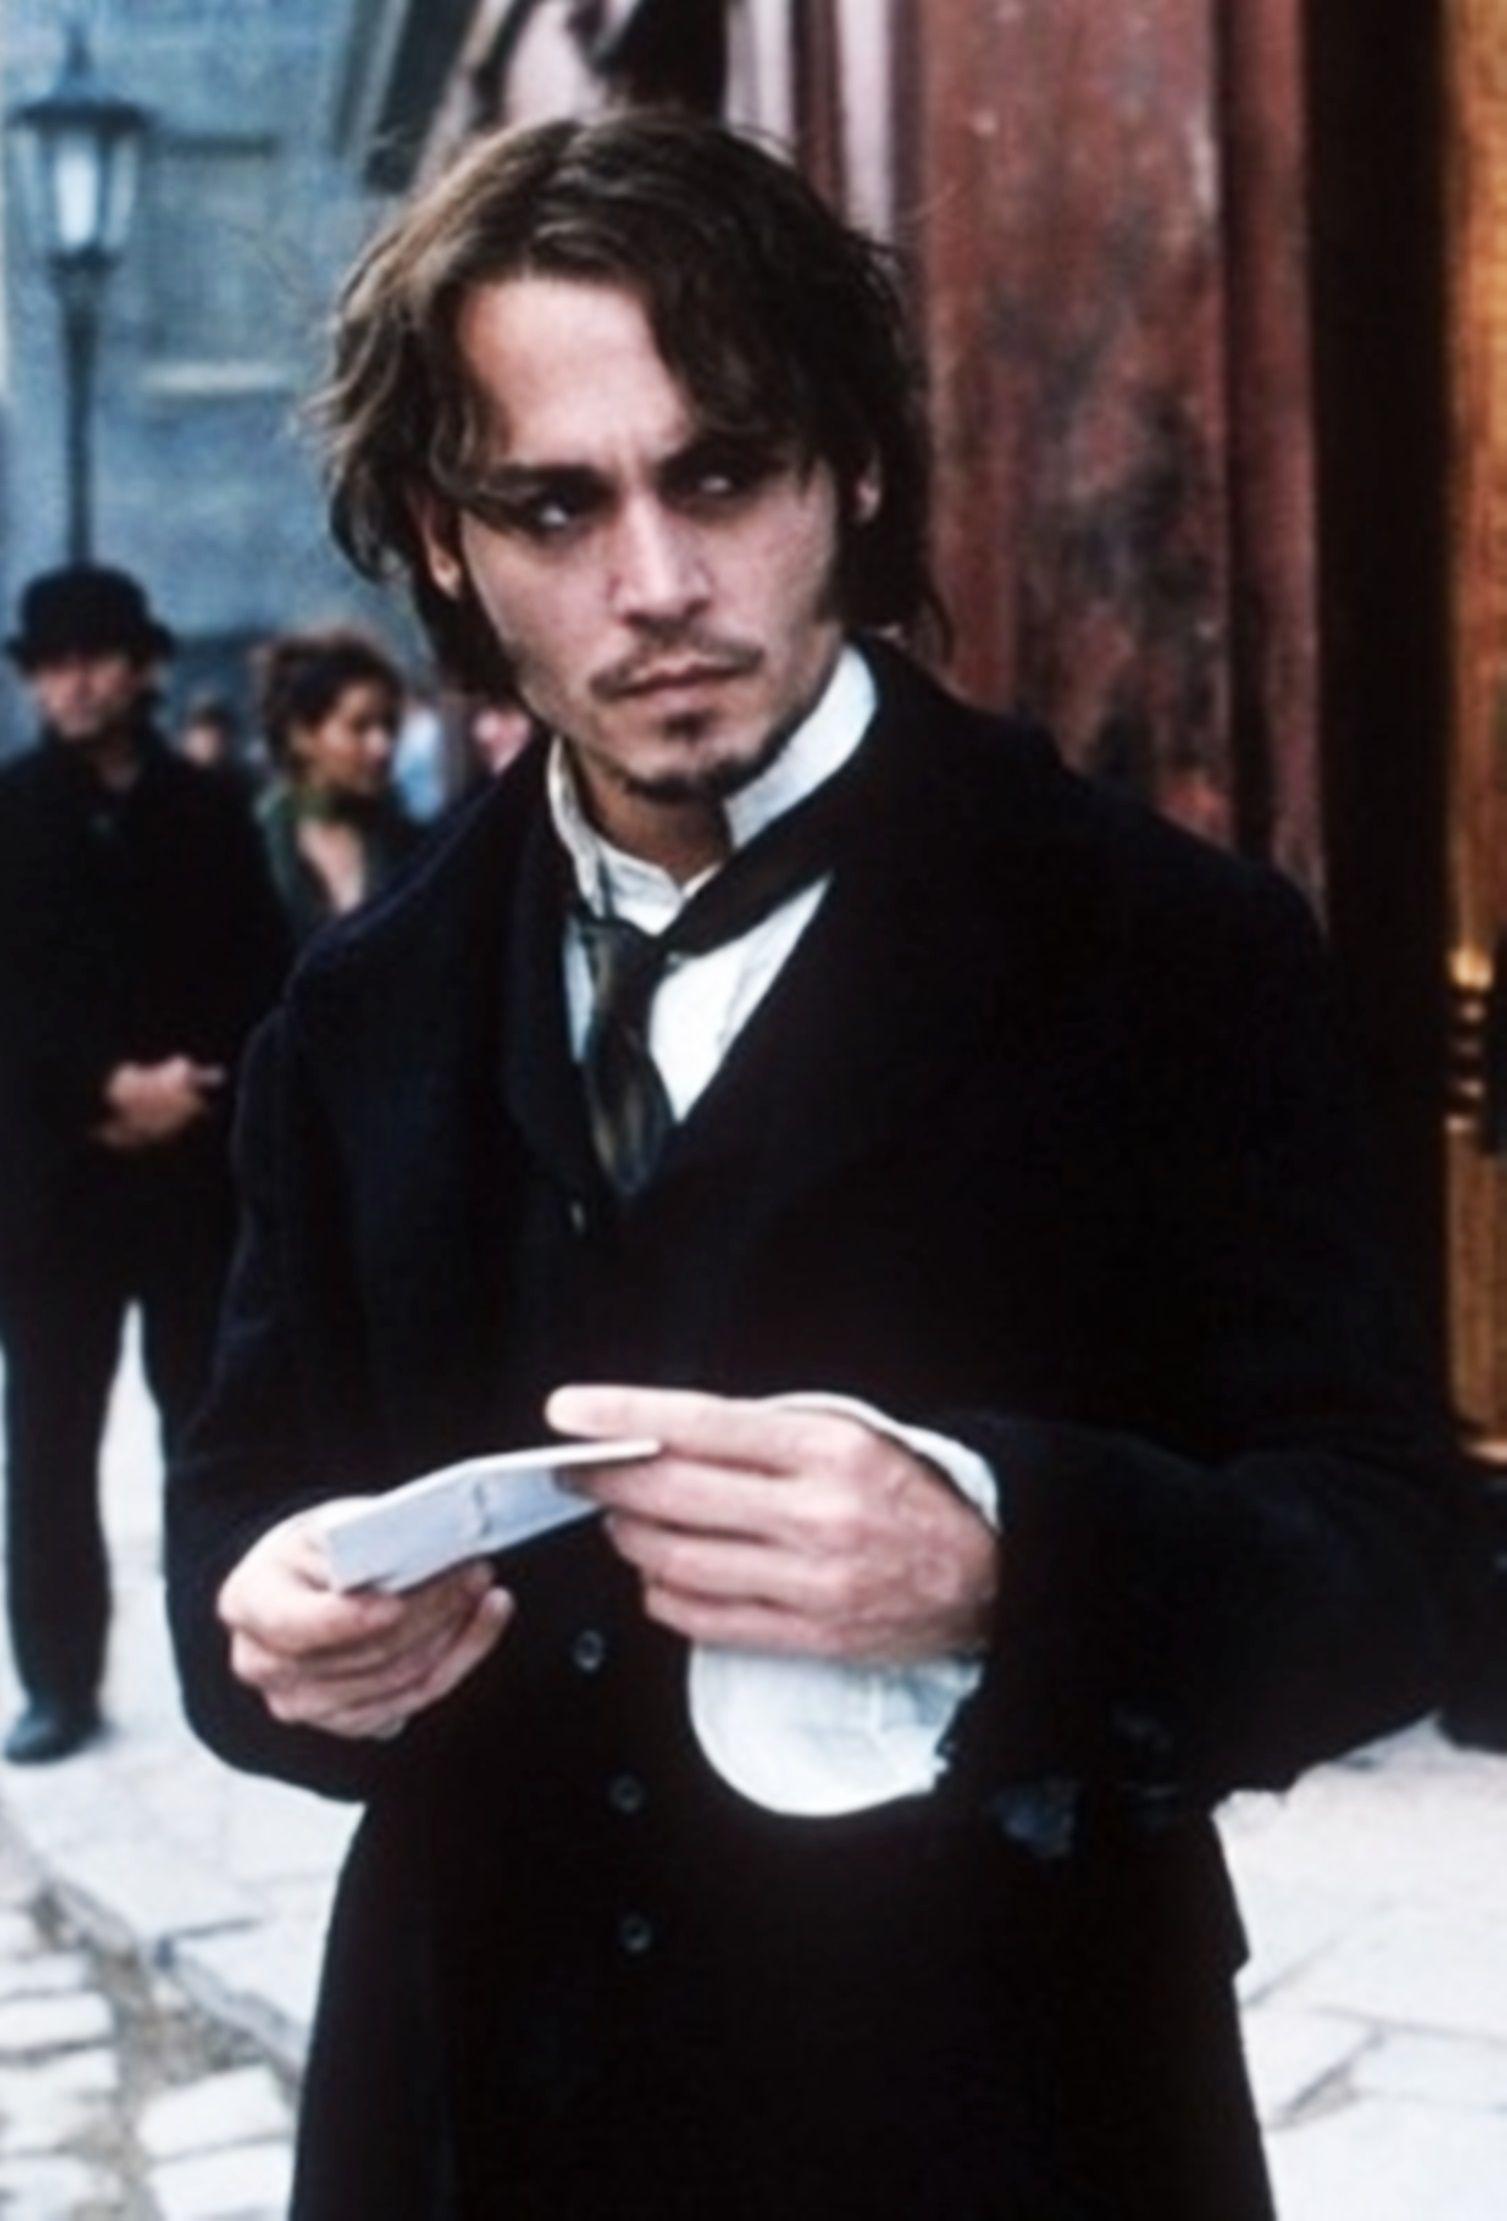 From Hell foi adaptado para o cinema, com Johnny Depp e Heather Graham. O autor não aprovou a adaptação.20th Century Fox